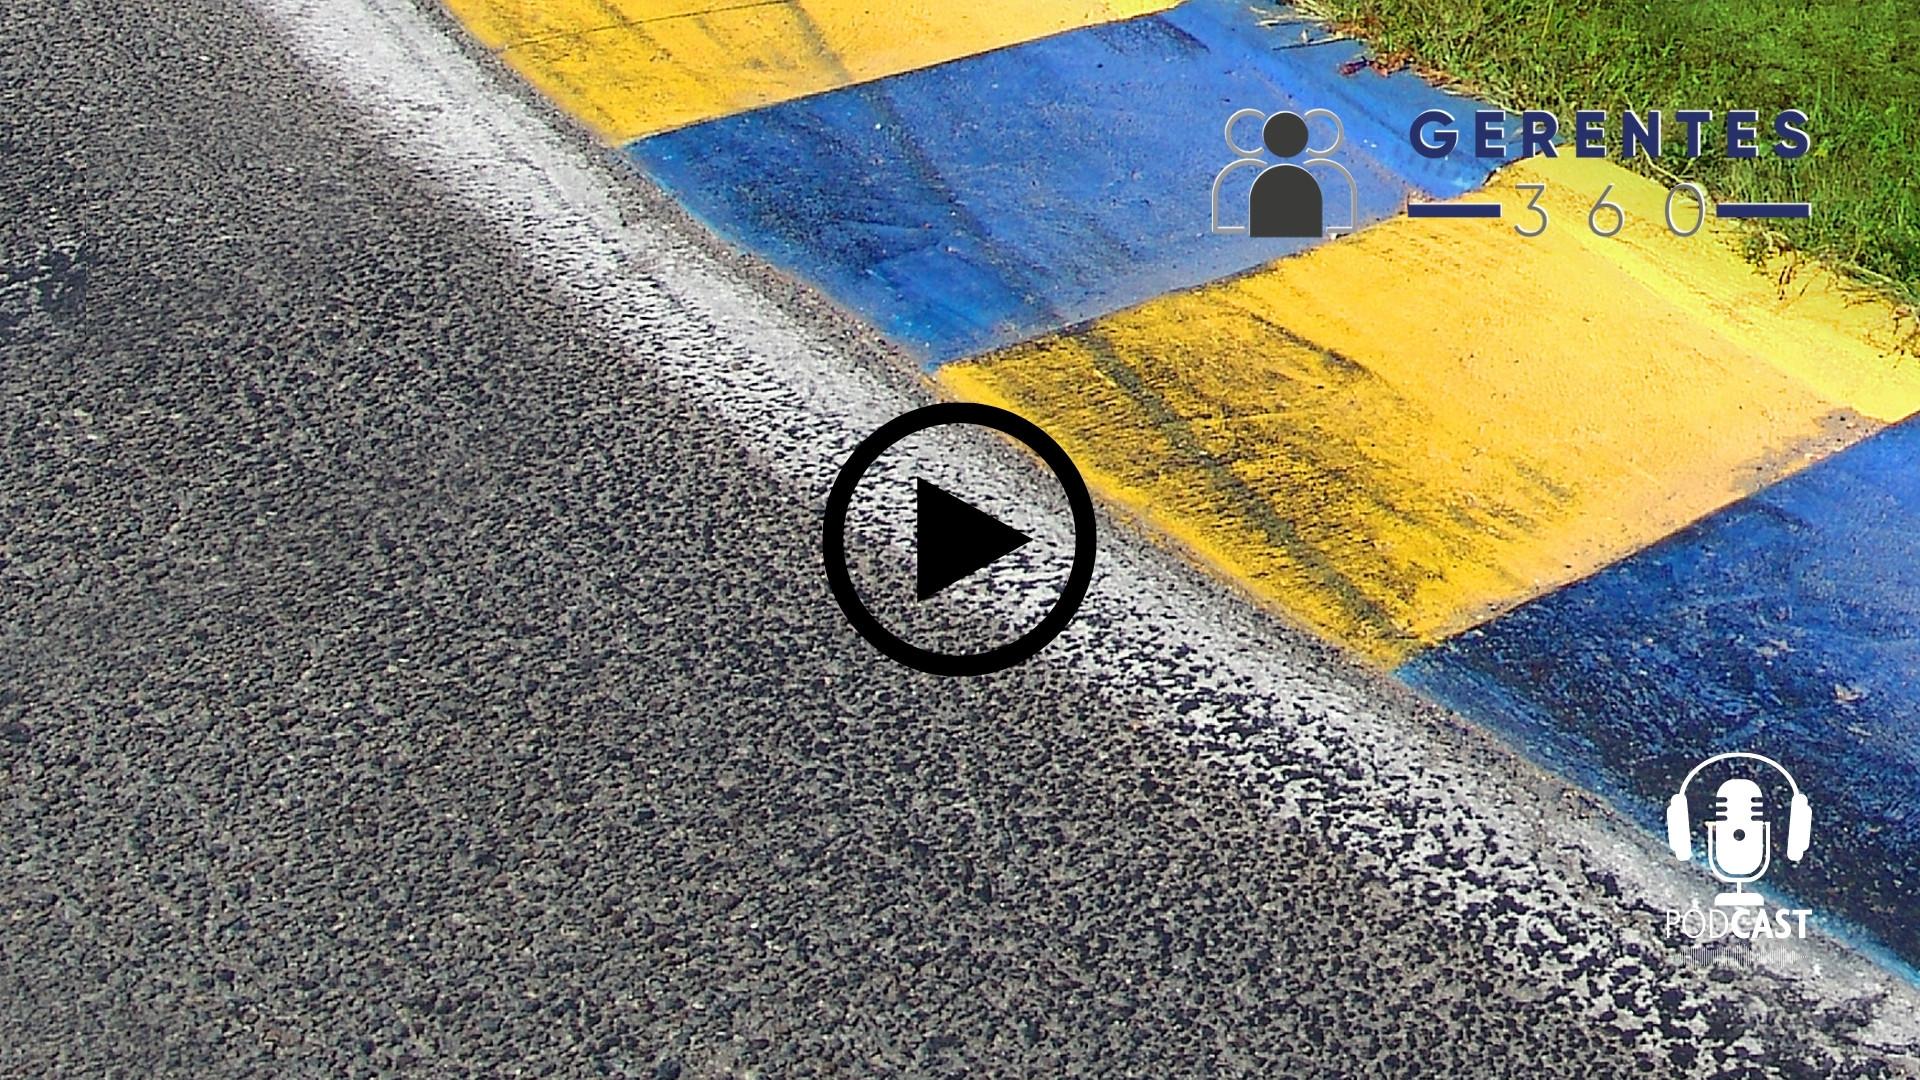 Se aproxima el huracán Henri al noreste de los Estados Unidos y se corren las 24 horas de Le Mans en Gerentes 360.